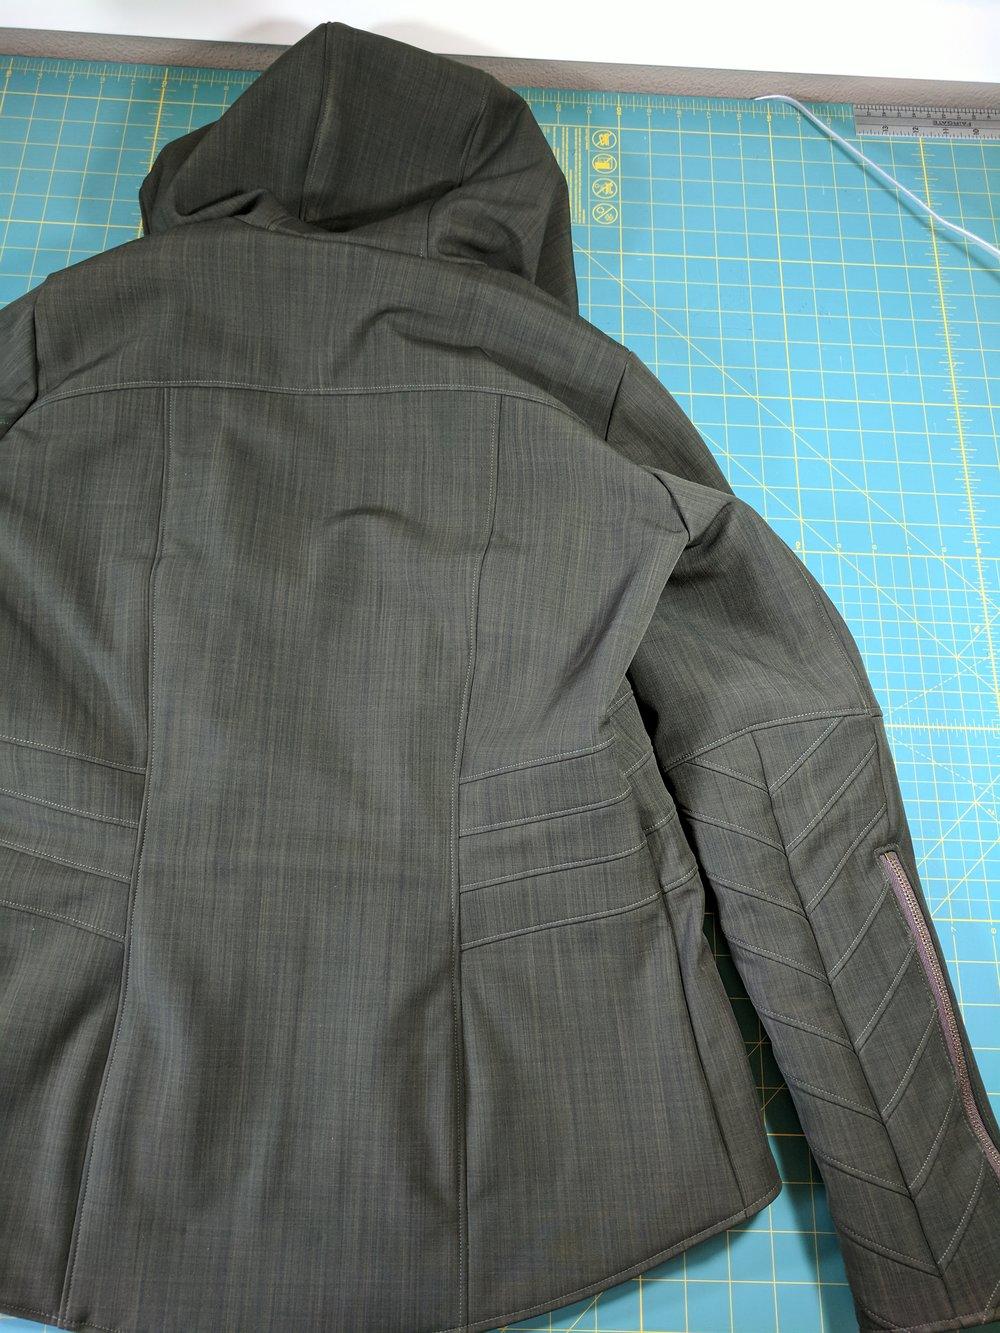 moto jacket details